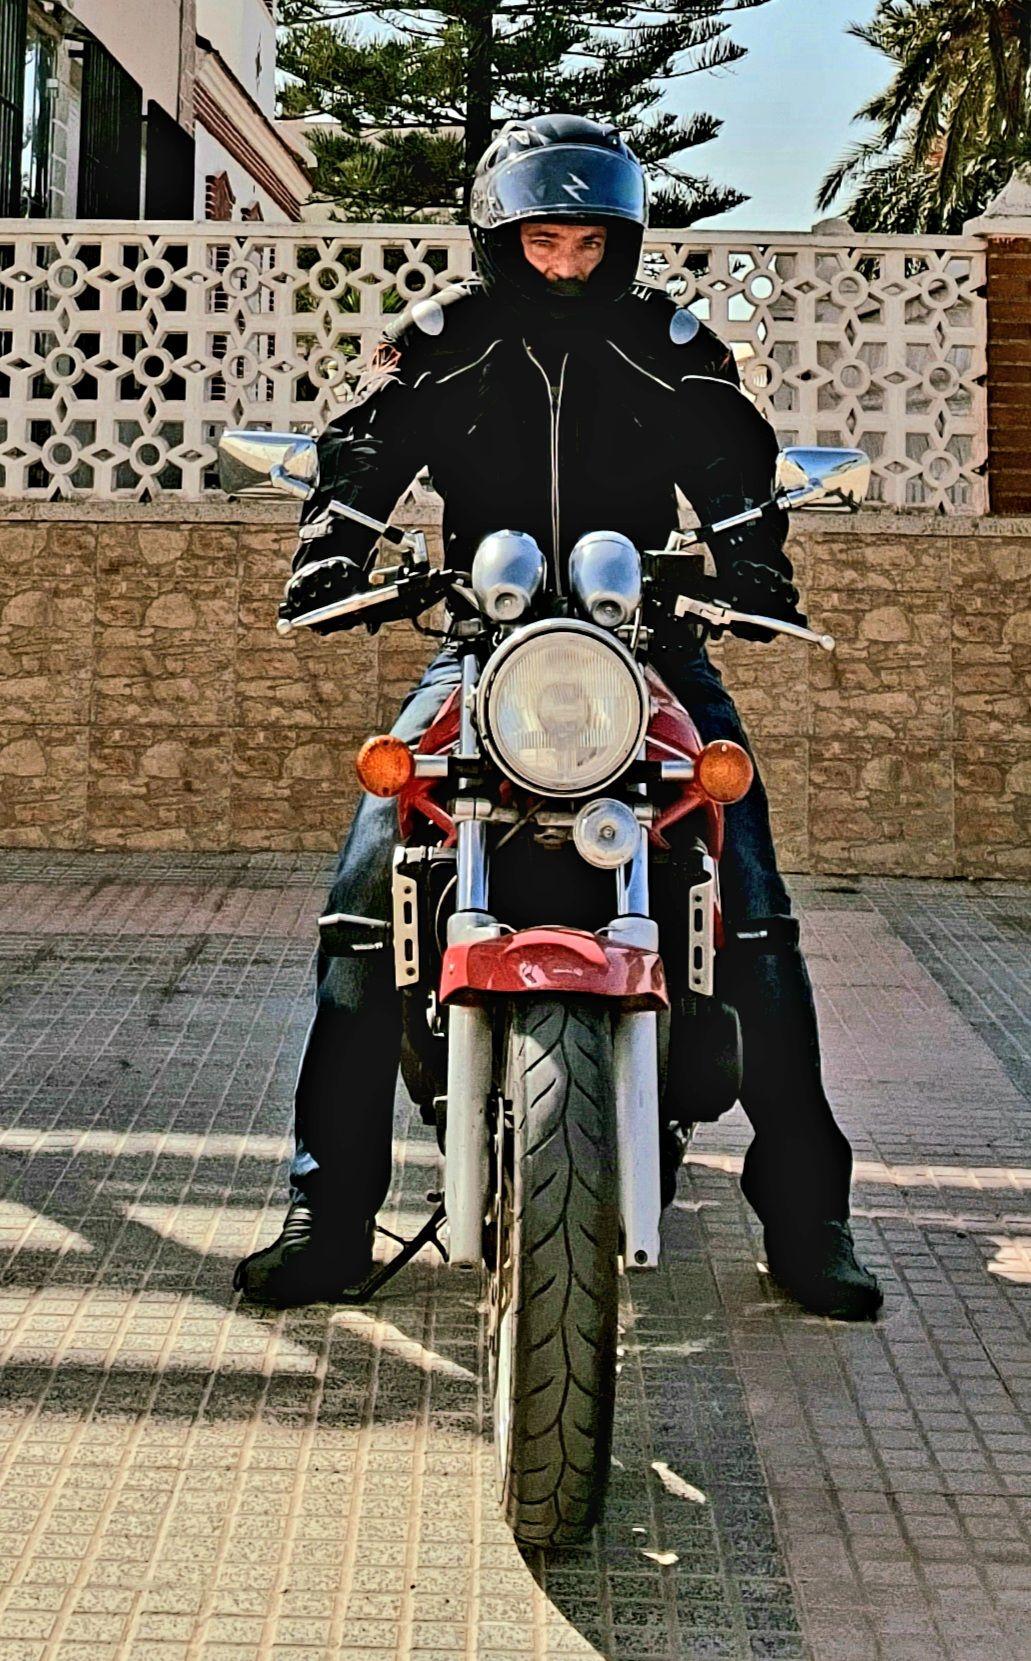 Bandit roja en Los Alcázares, la zona del Mar Menor - Página 5 Bandit-1